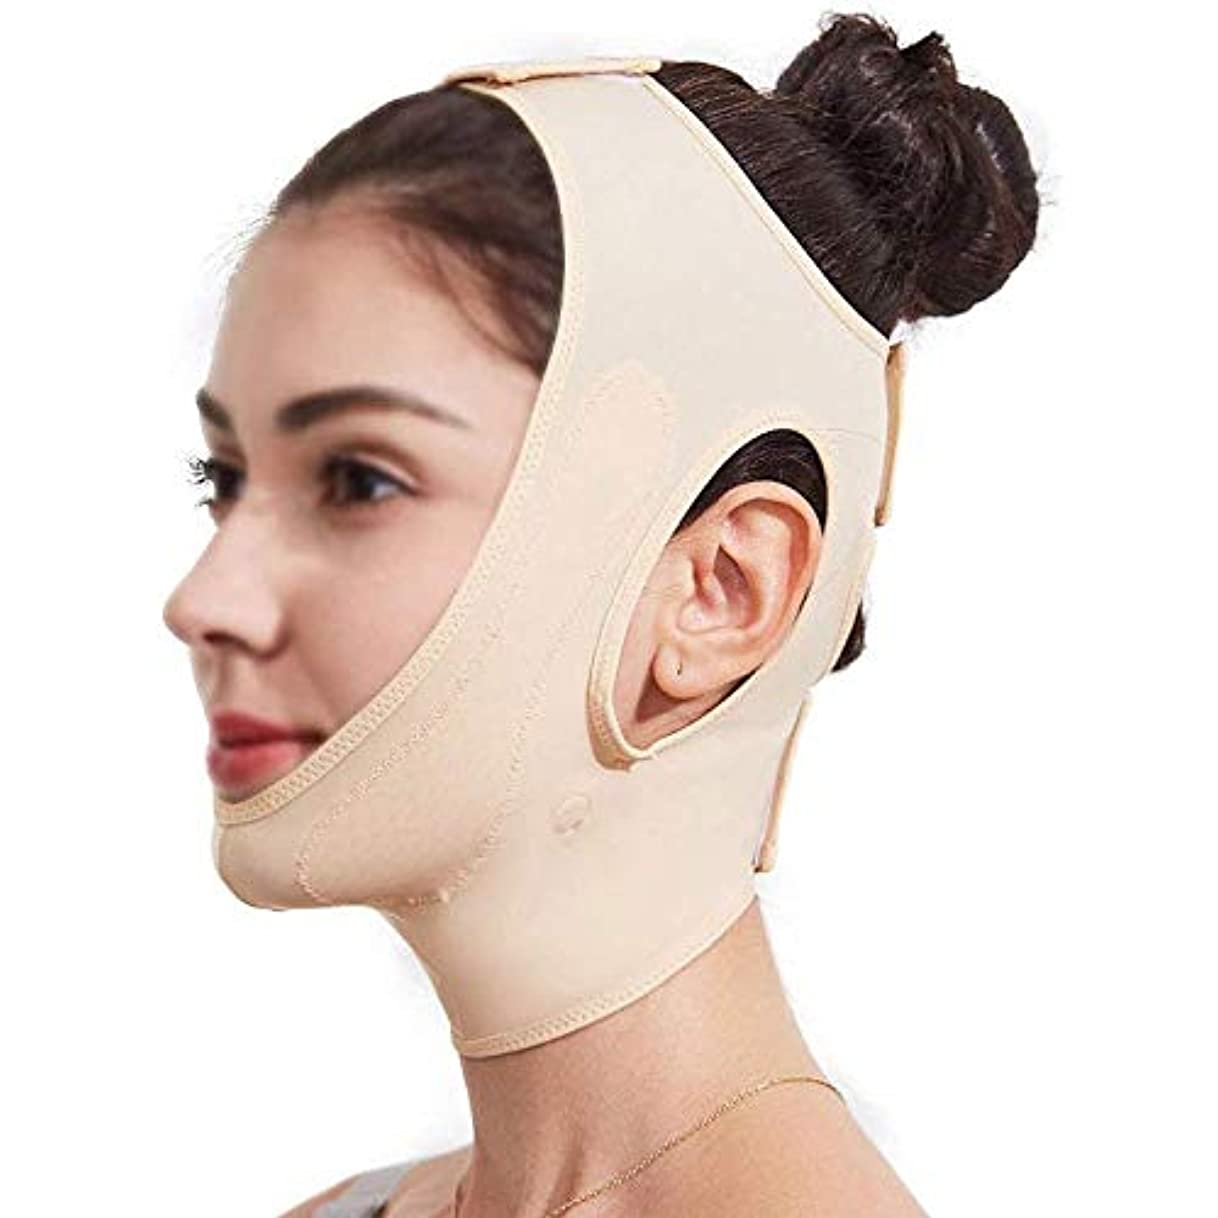 ご注意浪費認可HEMFV 顔のリフトスリミングベルトは、スリムリフトコンパクト顔の皮膚のためのスキン包帯二重あごスリミングベルトを締め (Color : Skin color)